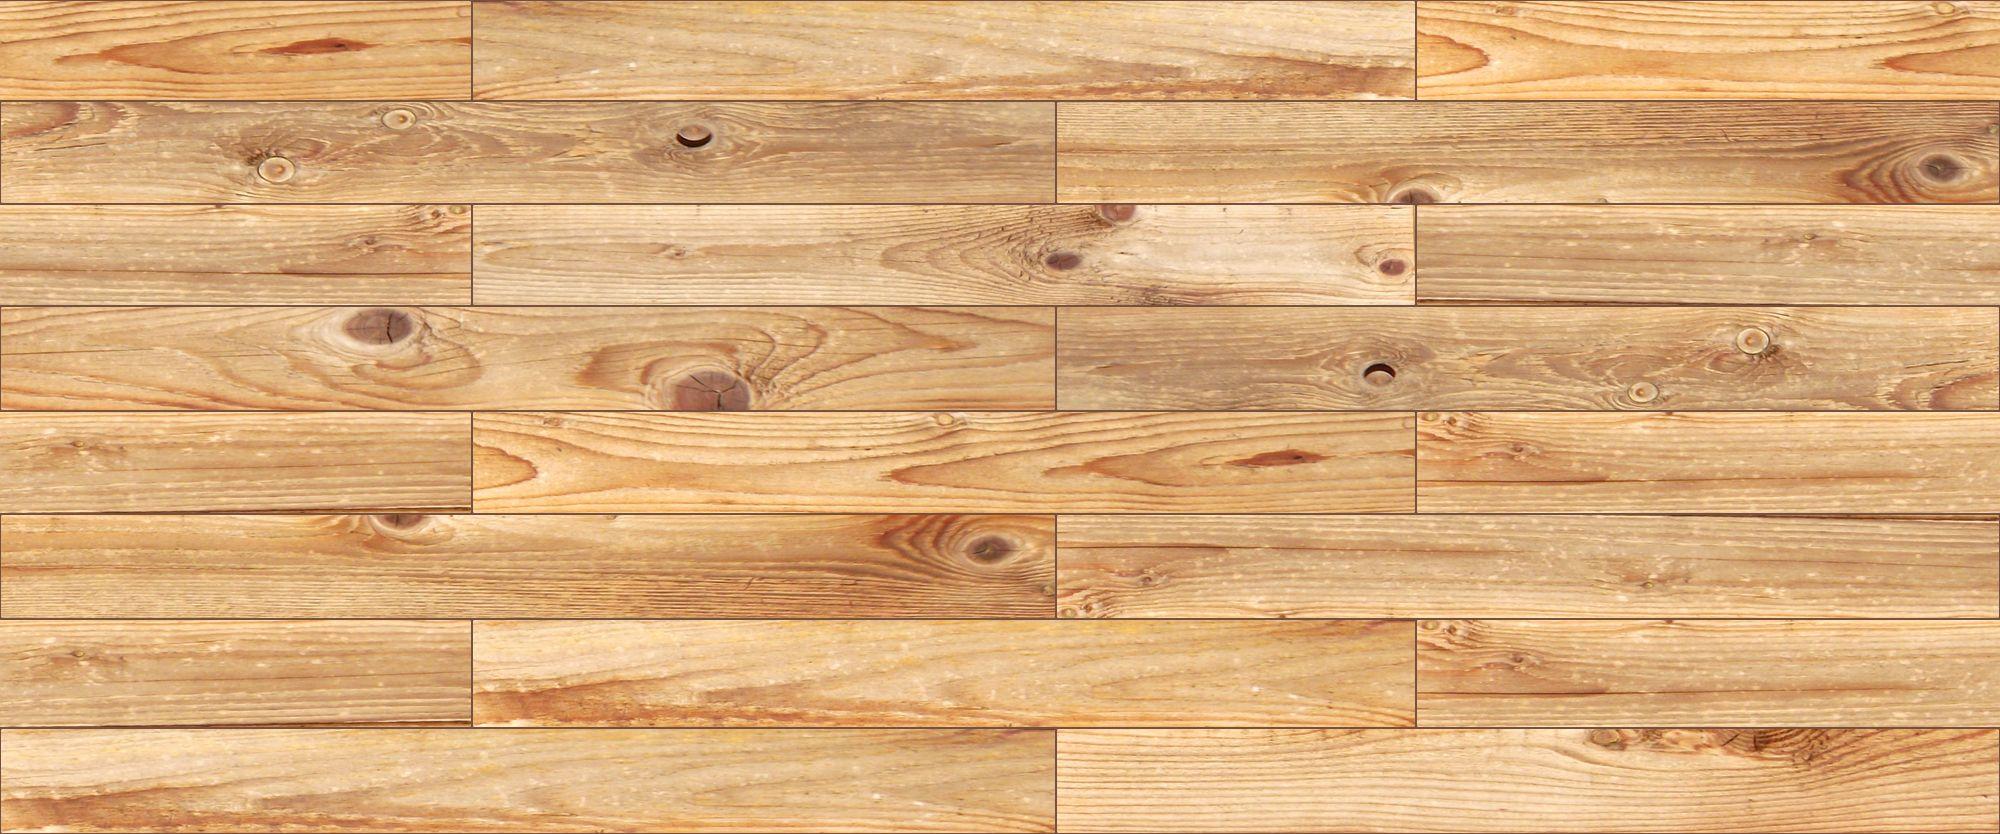 Light Brown Wood Planks 0 Jpg 2000 834 Wood Parquet Flooring Wood Light Wood Floors